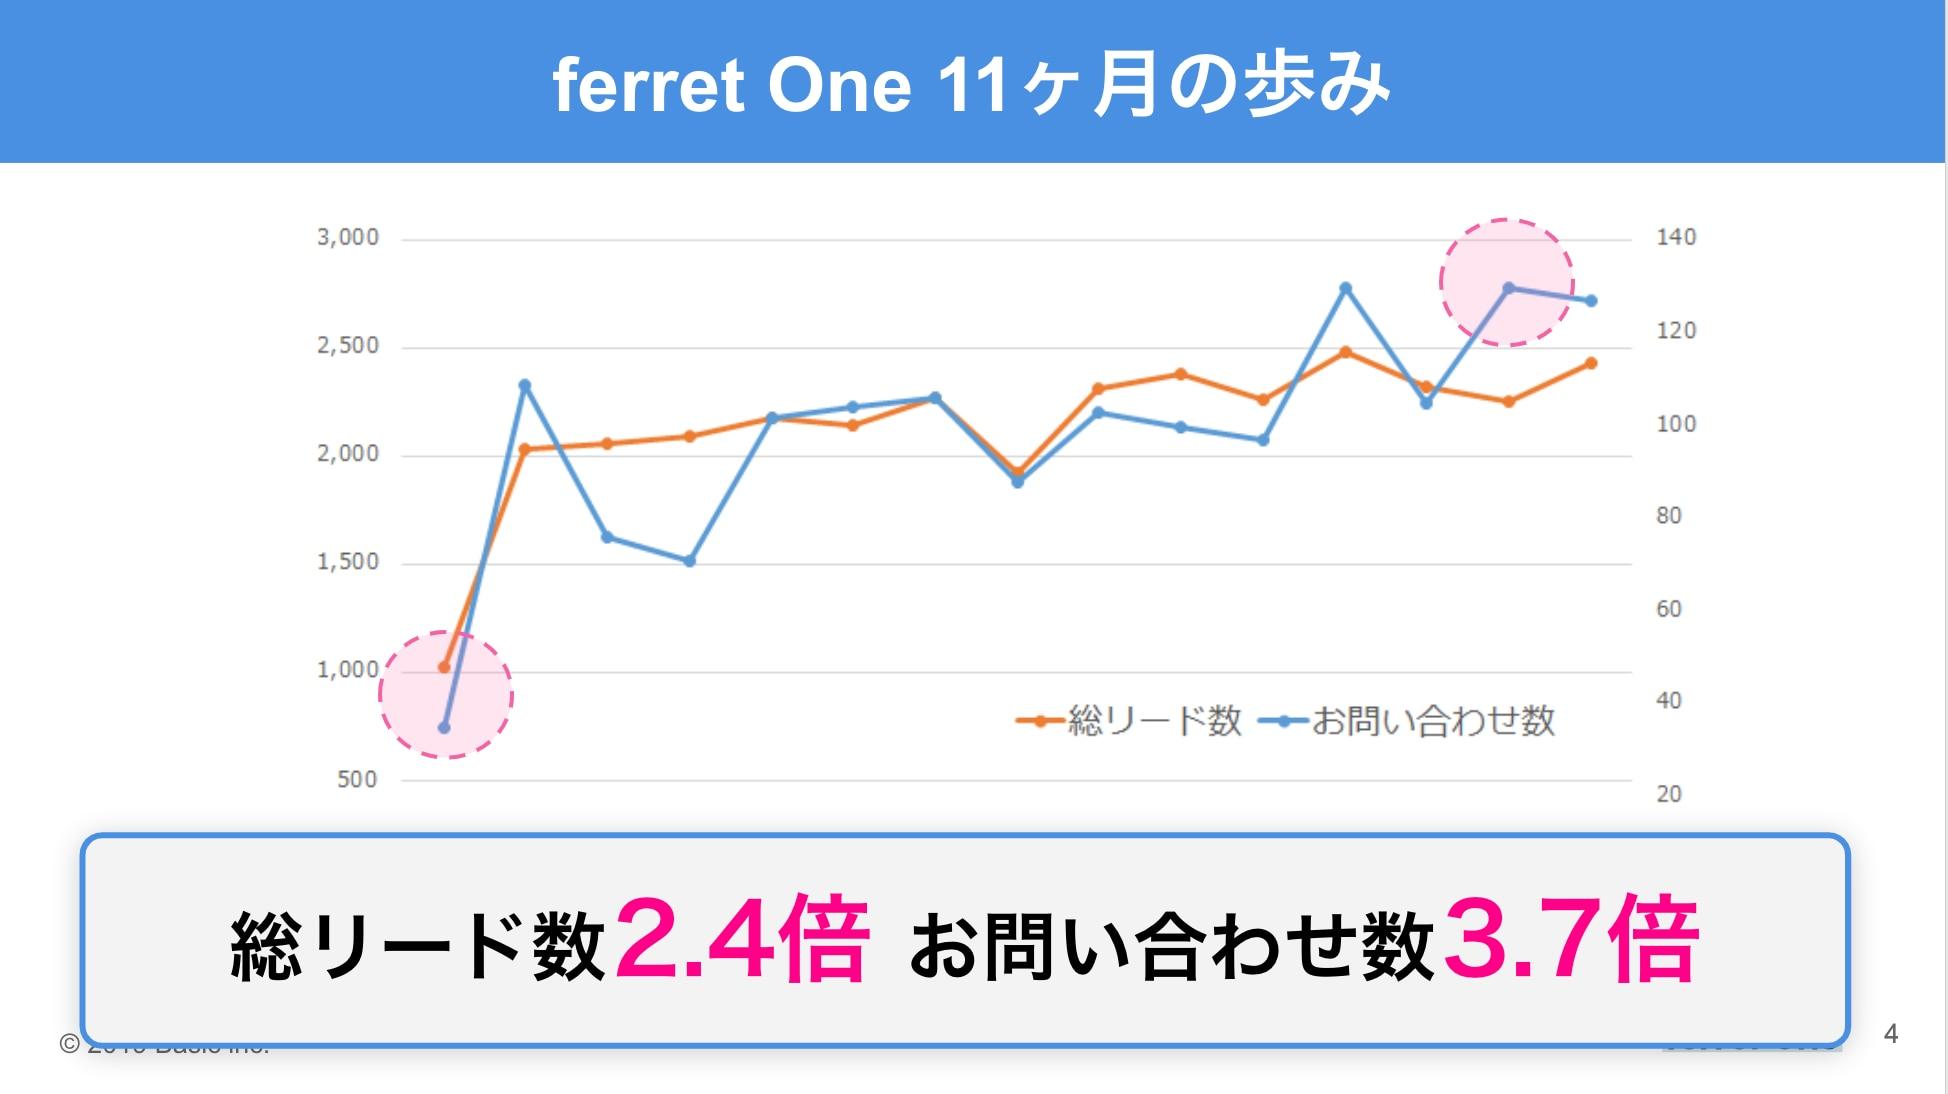 ferret Oneのあゆみ